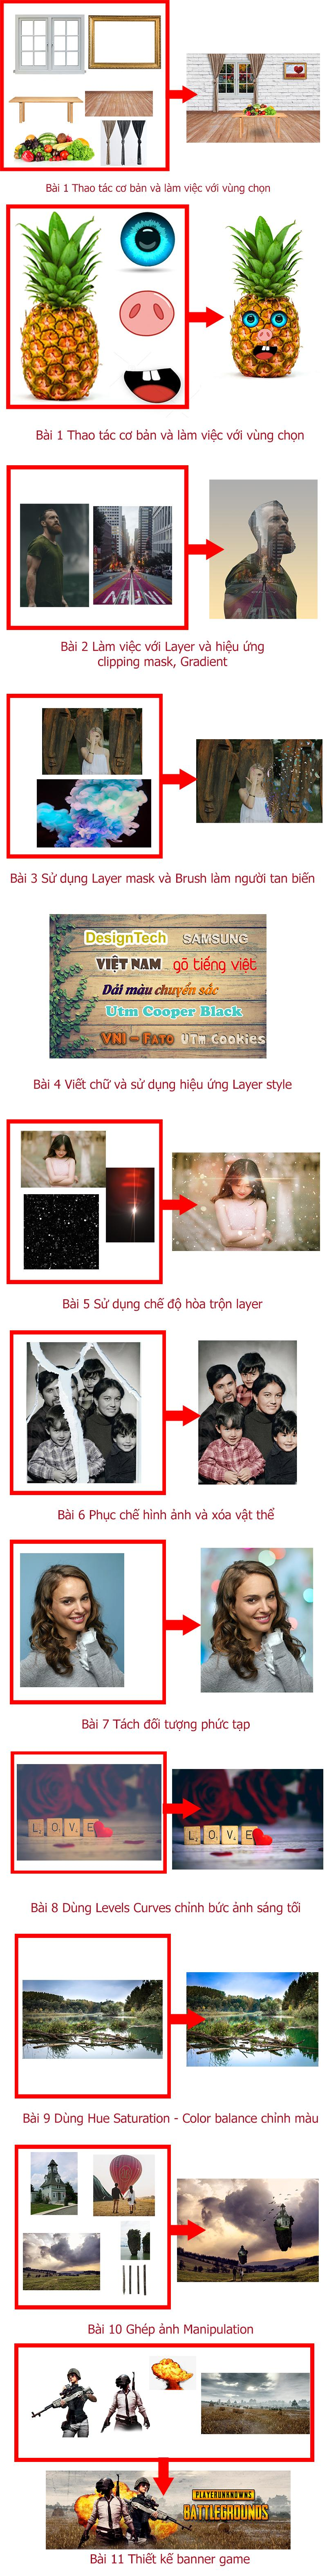 Khóa học photoshop ngắn hạn tại Hà Nội